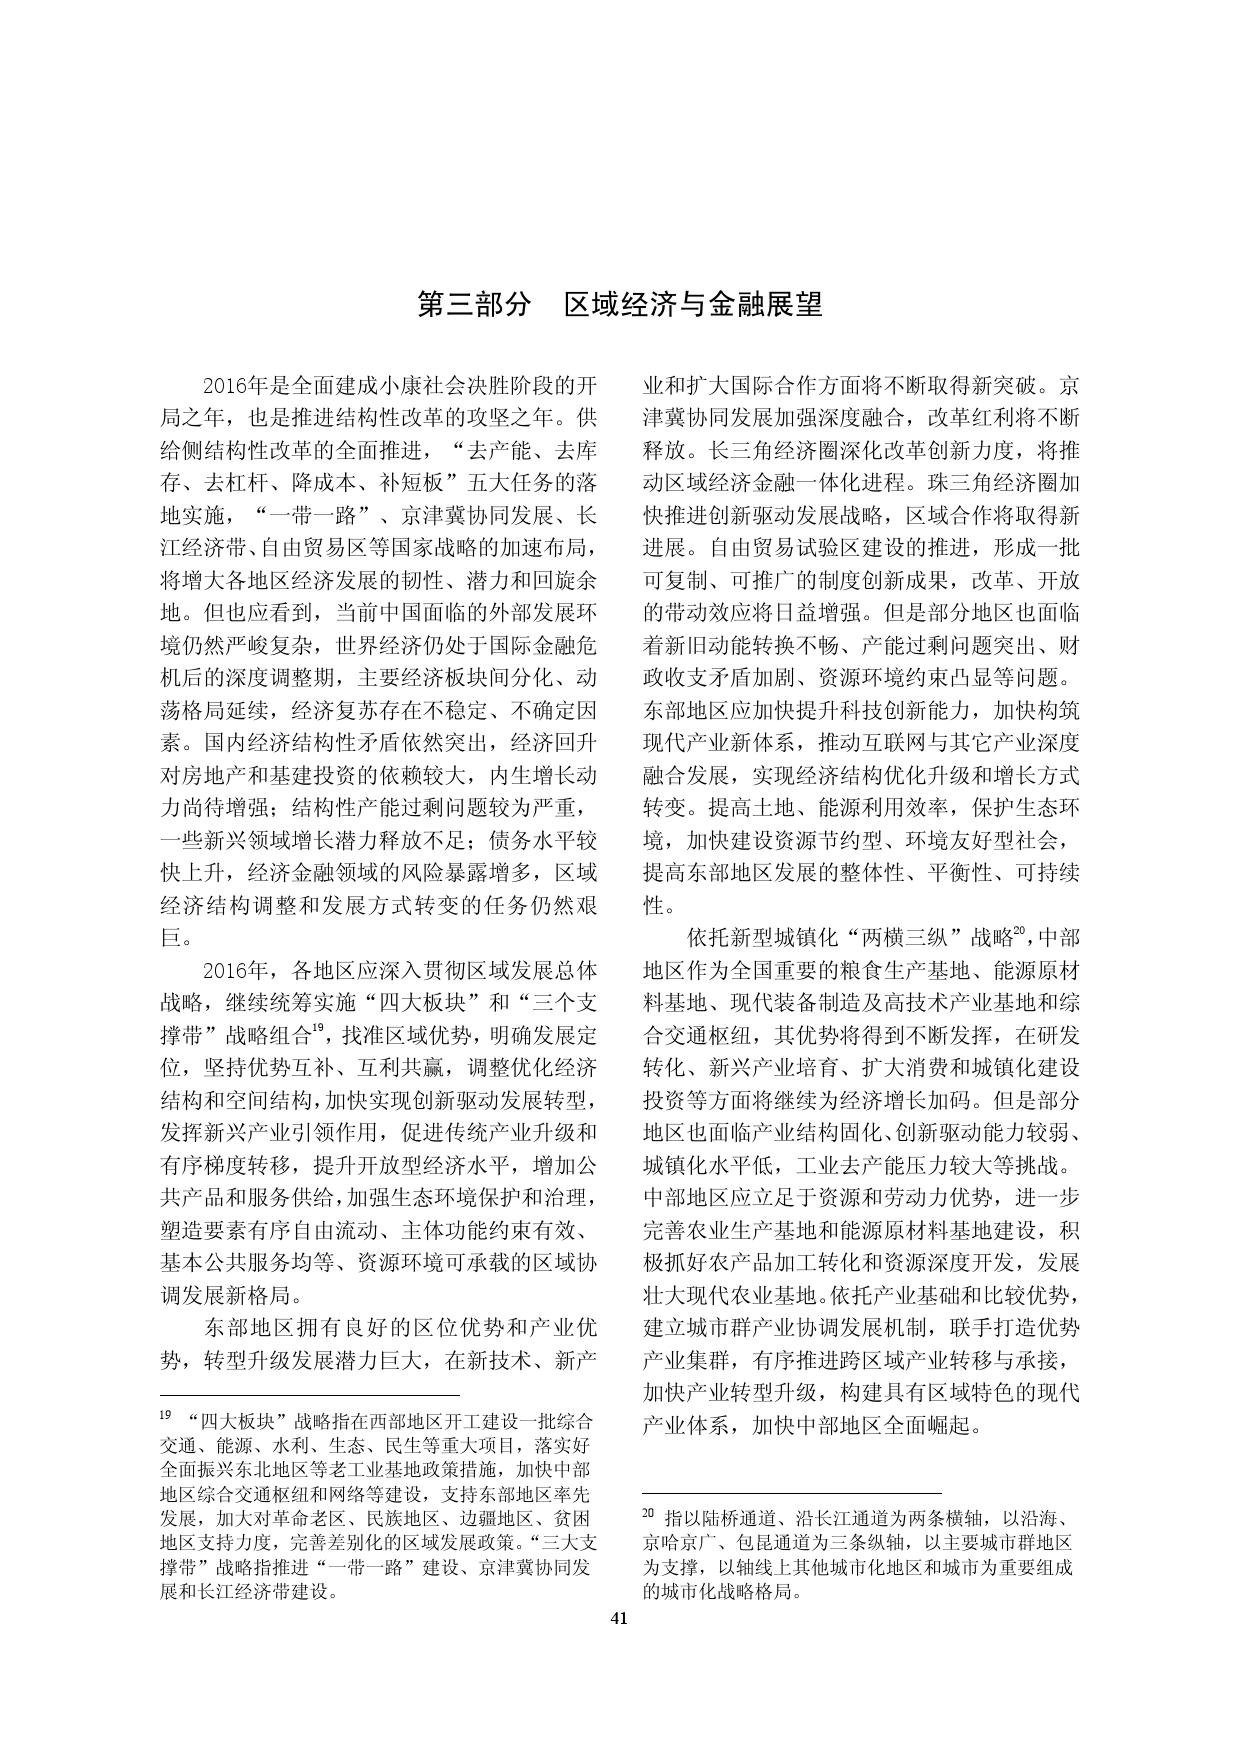 2015年中国区域金融运行报告_000044